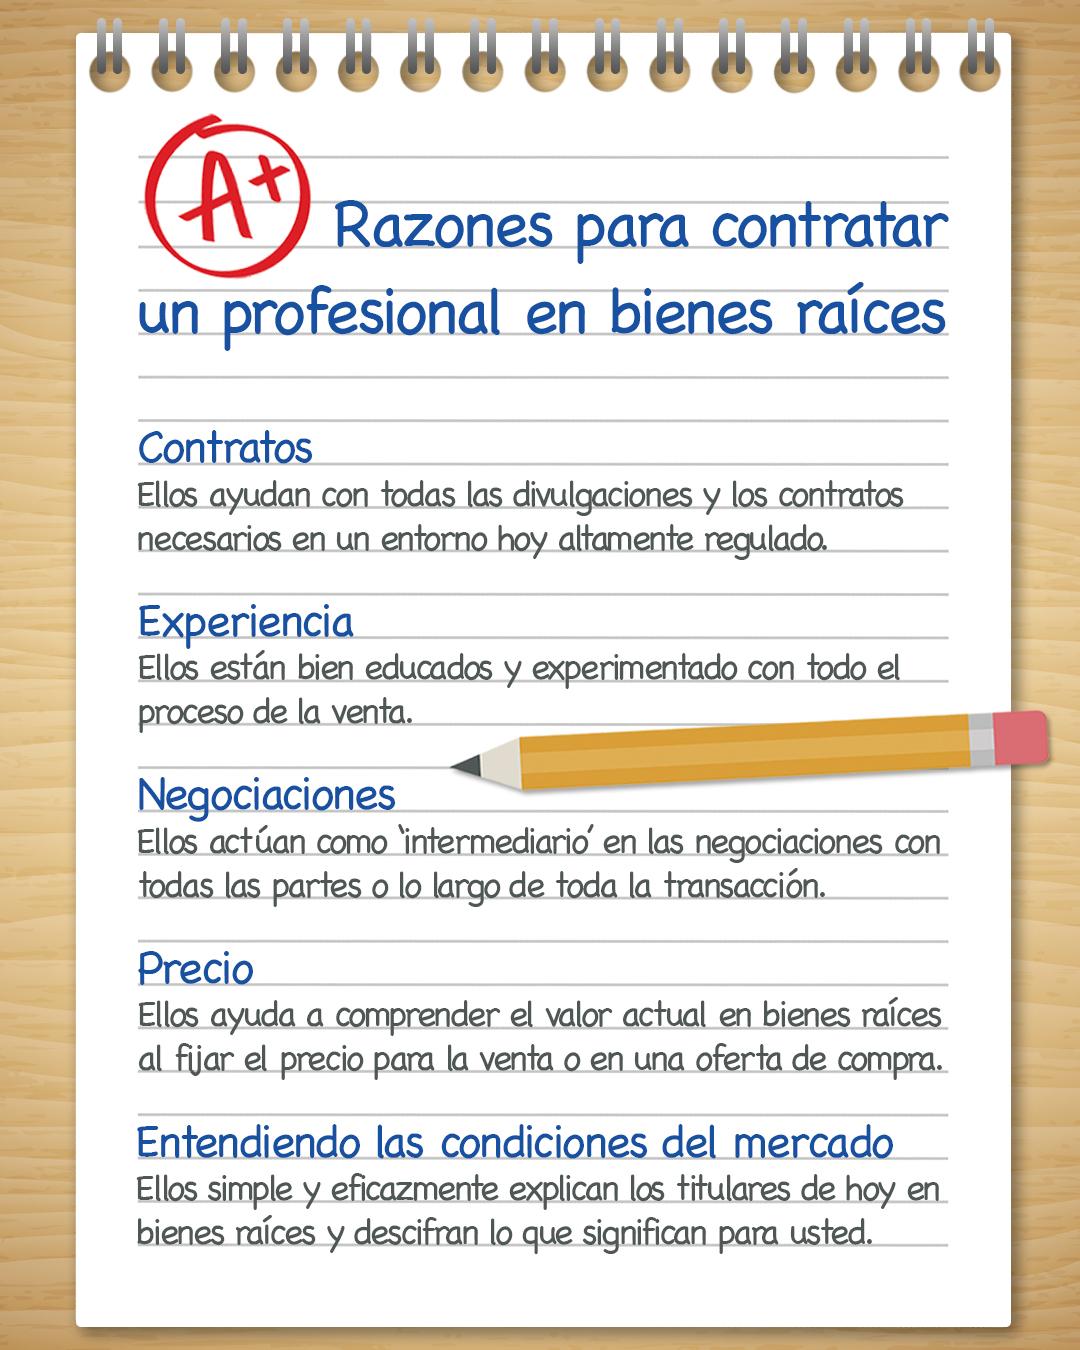 Razones A+ para contratar un profesional en bienes raíces [infografía]] | Simplifying The Market